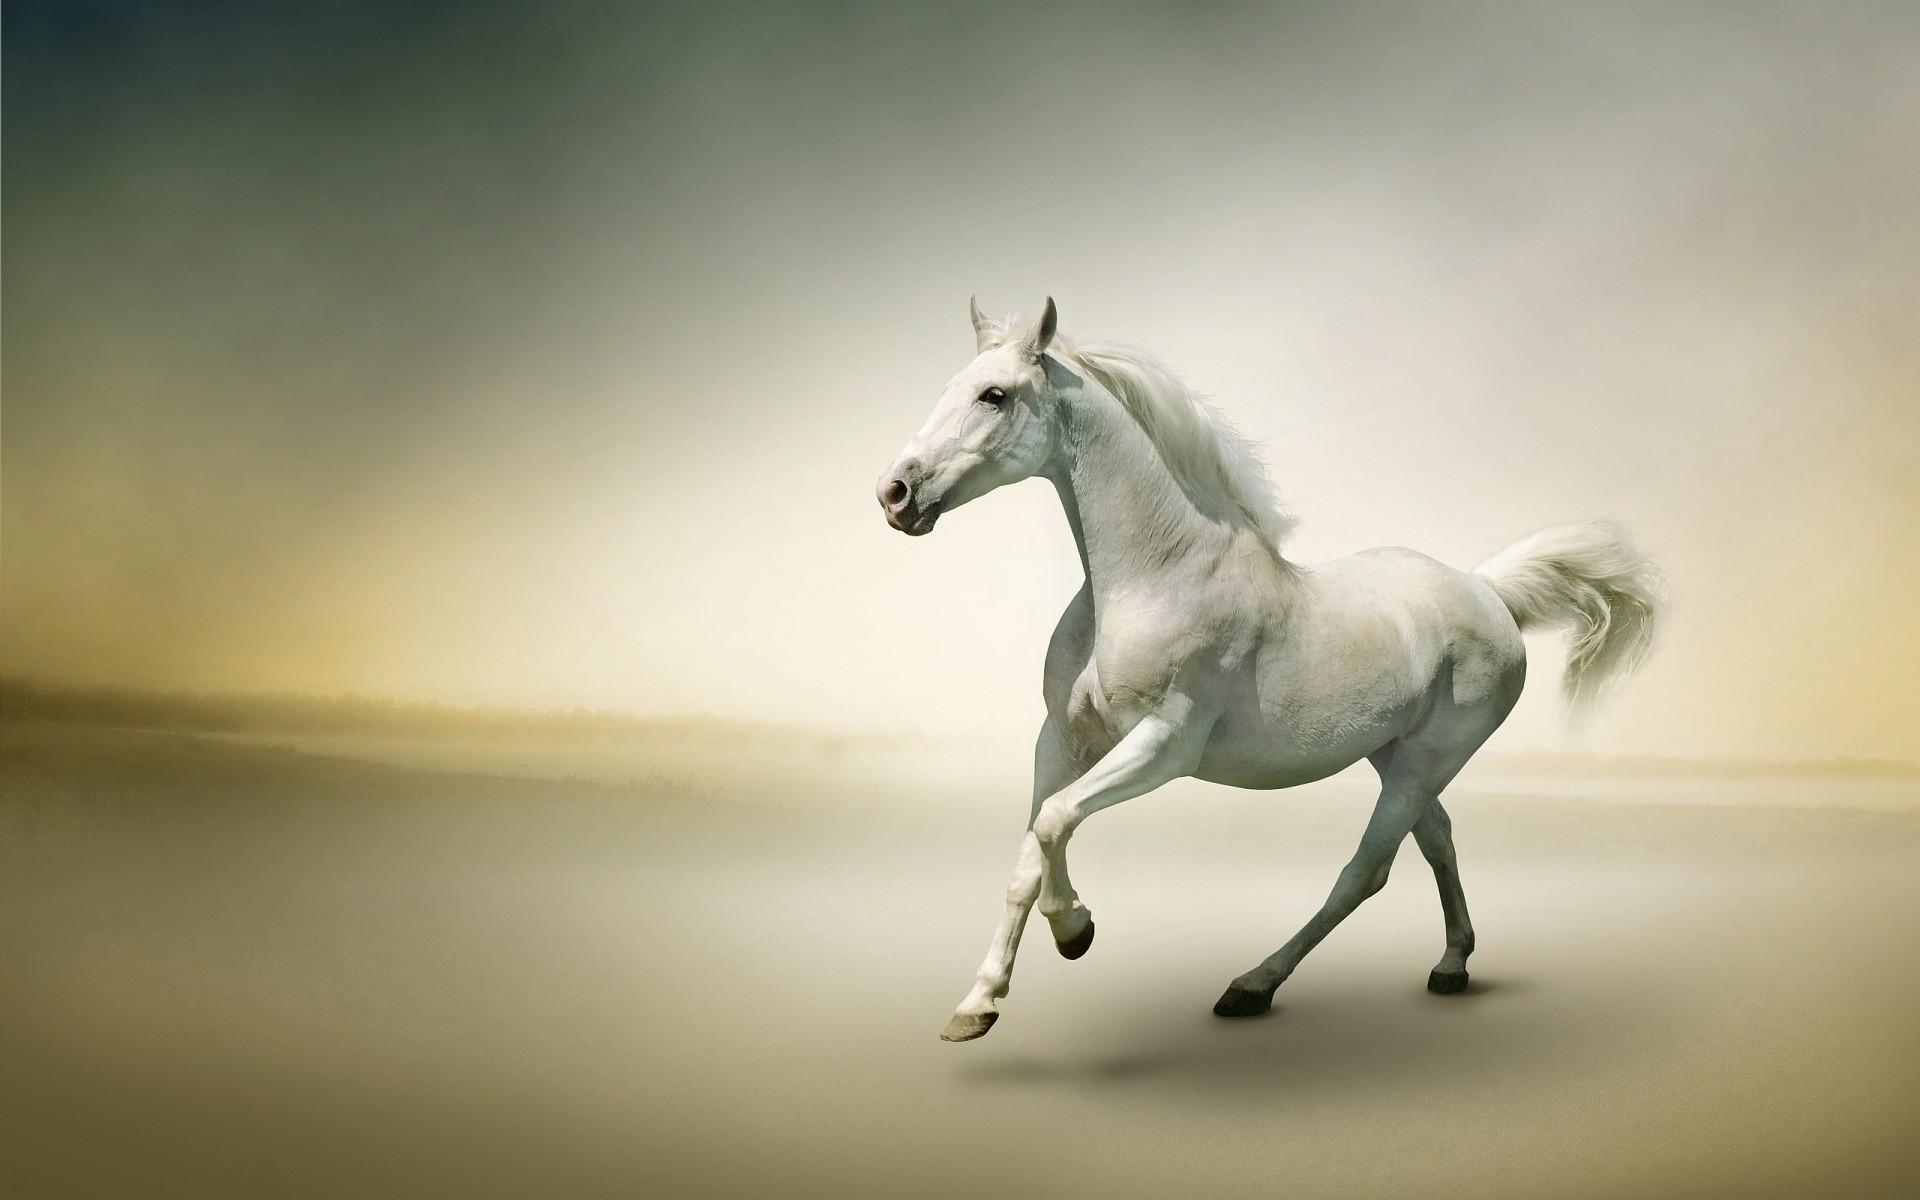 Horse Desktop Wallpapers